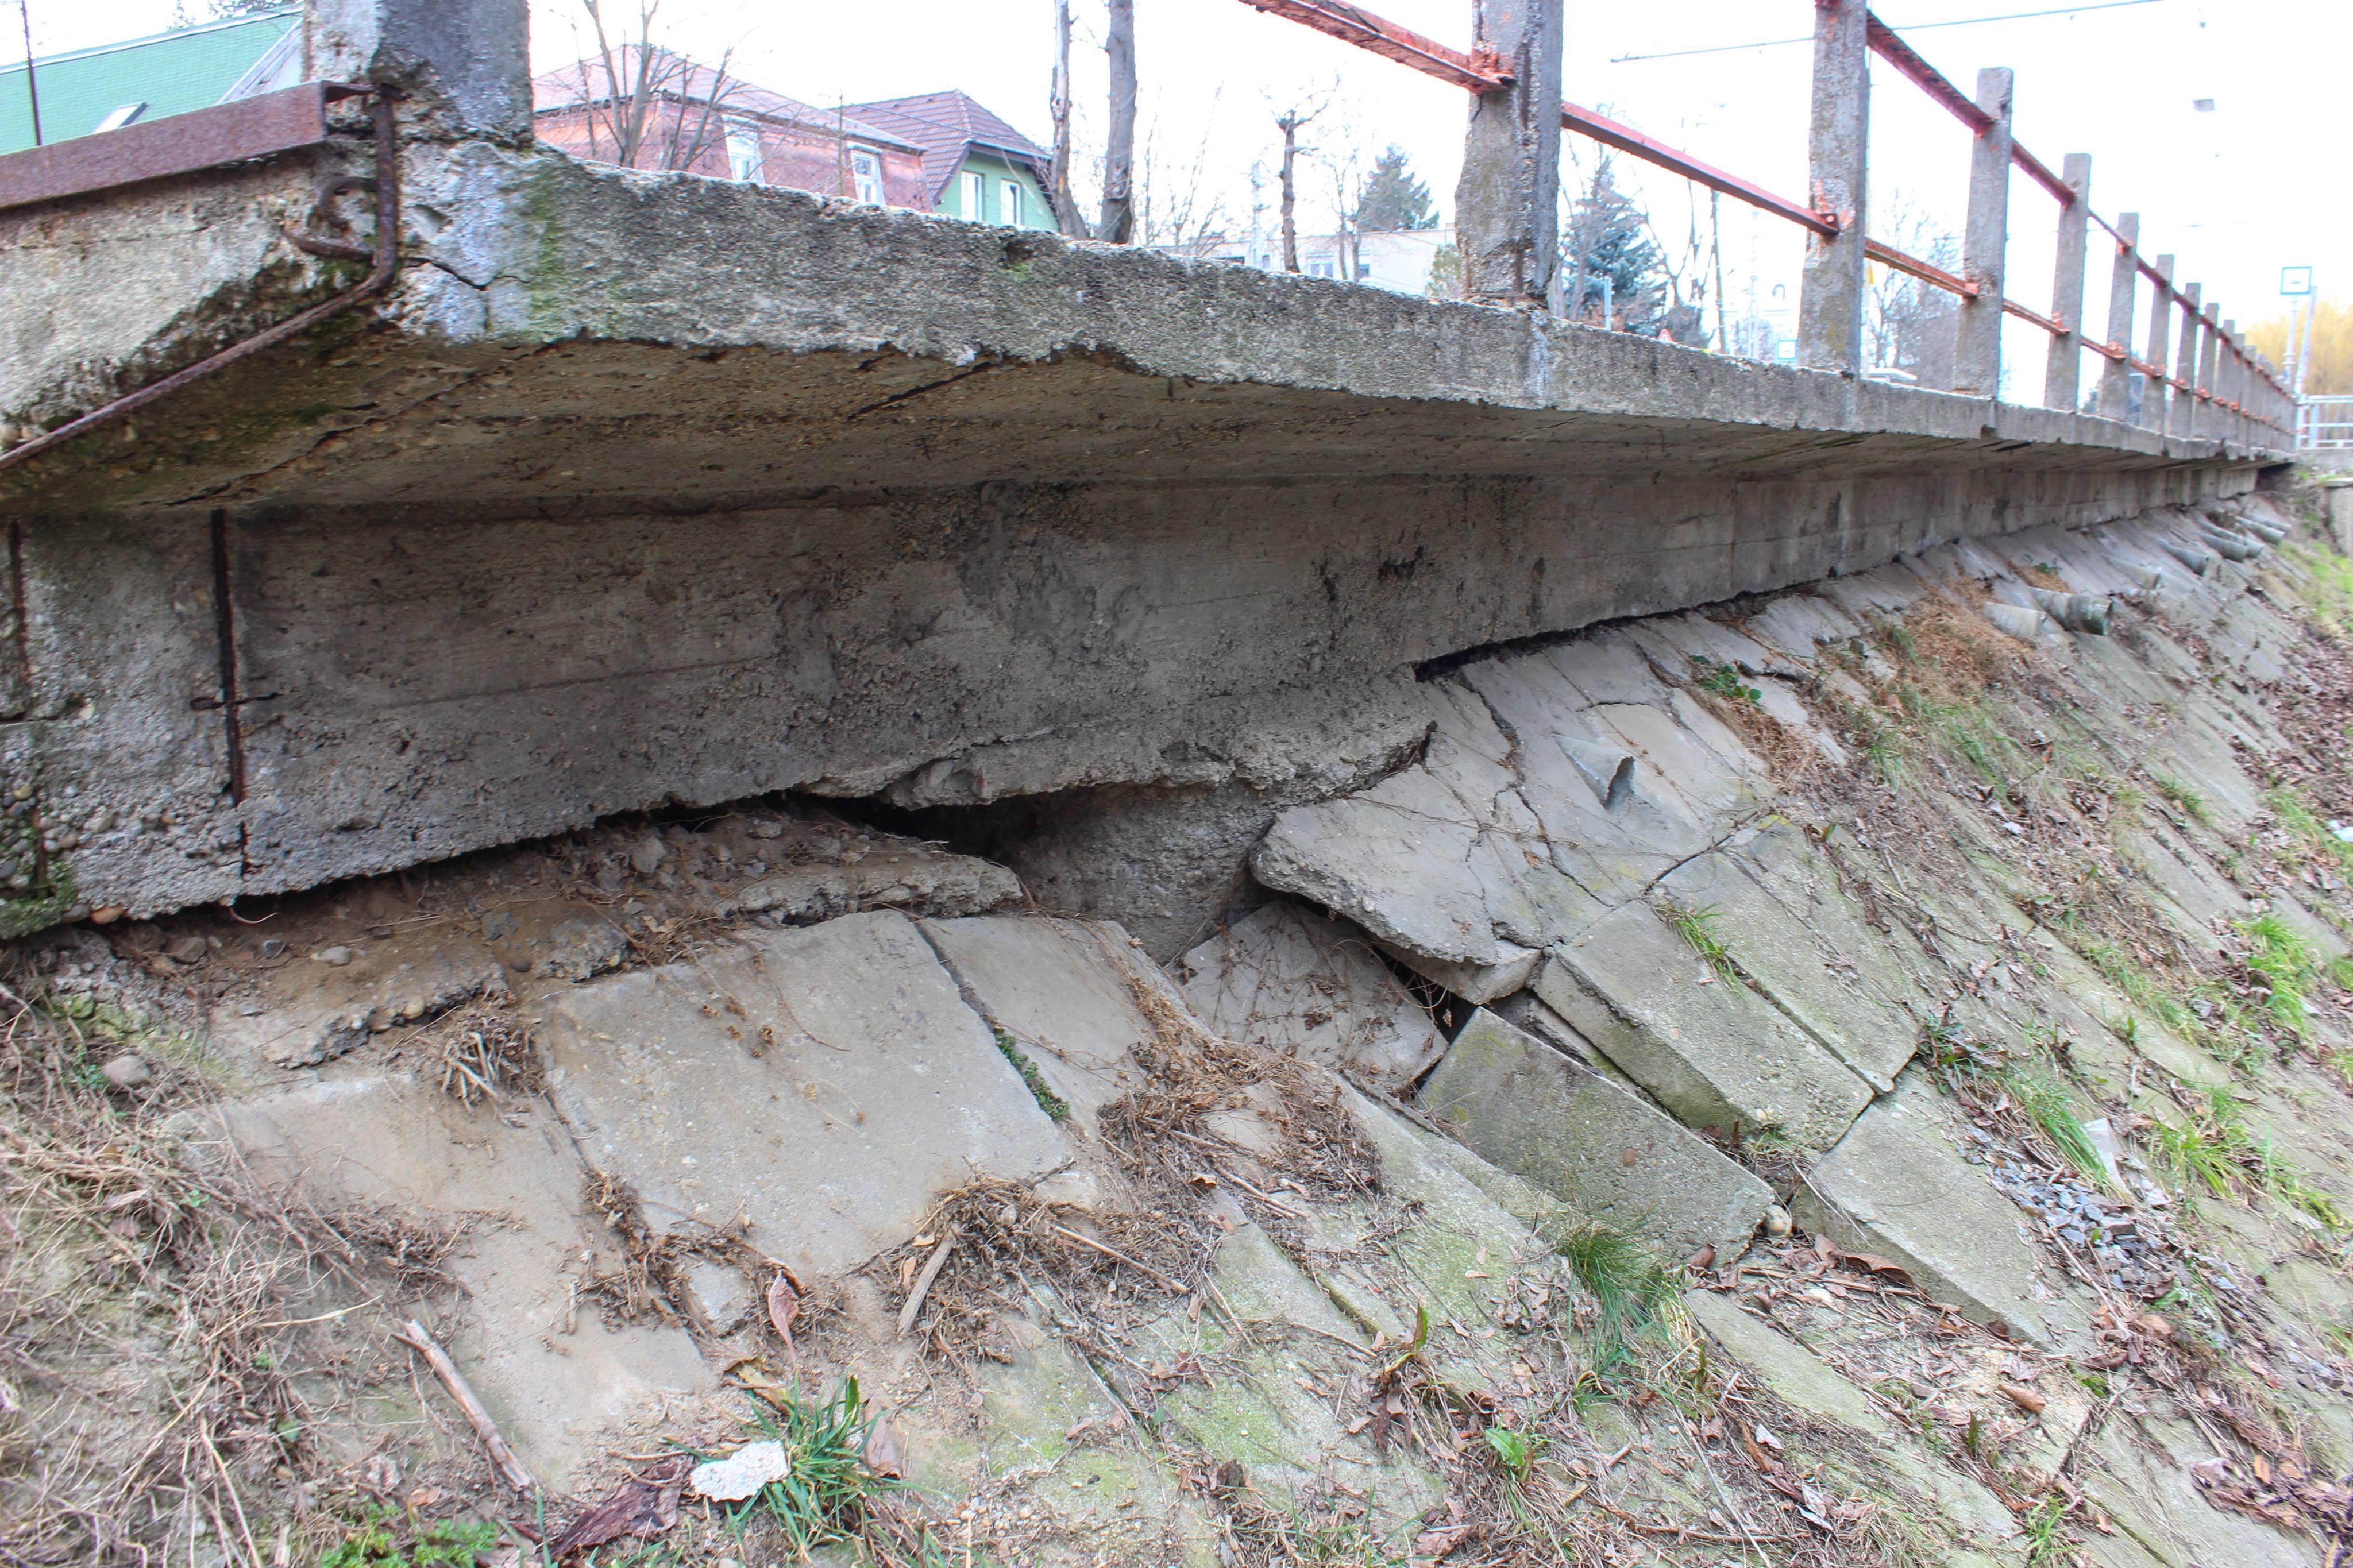 Az első villamosmegálló, amit már kihagy a villamos. Látszik, hogy eléggé alá van mosva, illetve egy részen már beomlott a beton, ami tartja. Fotó: 2019 április